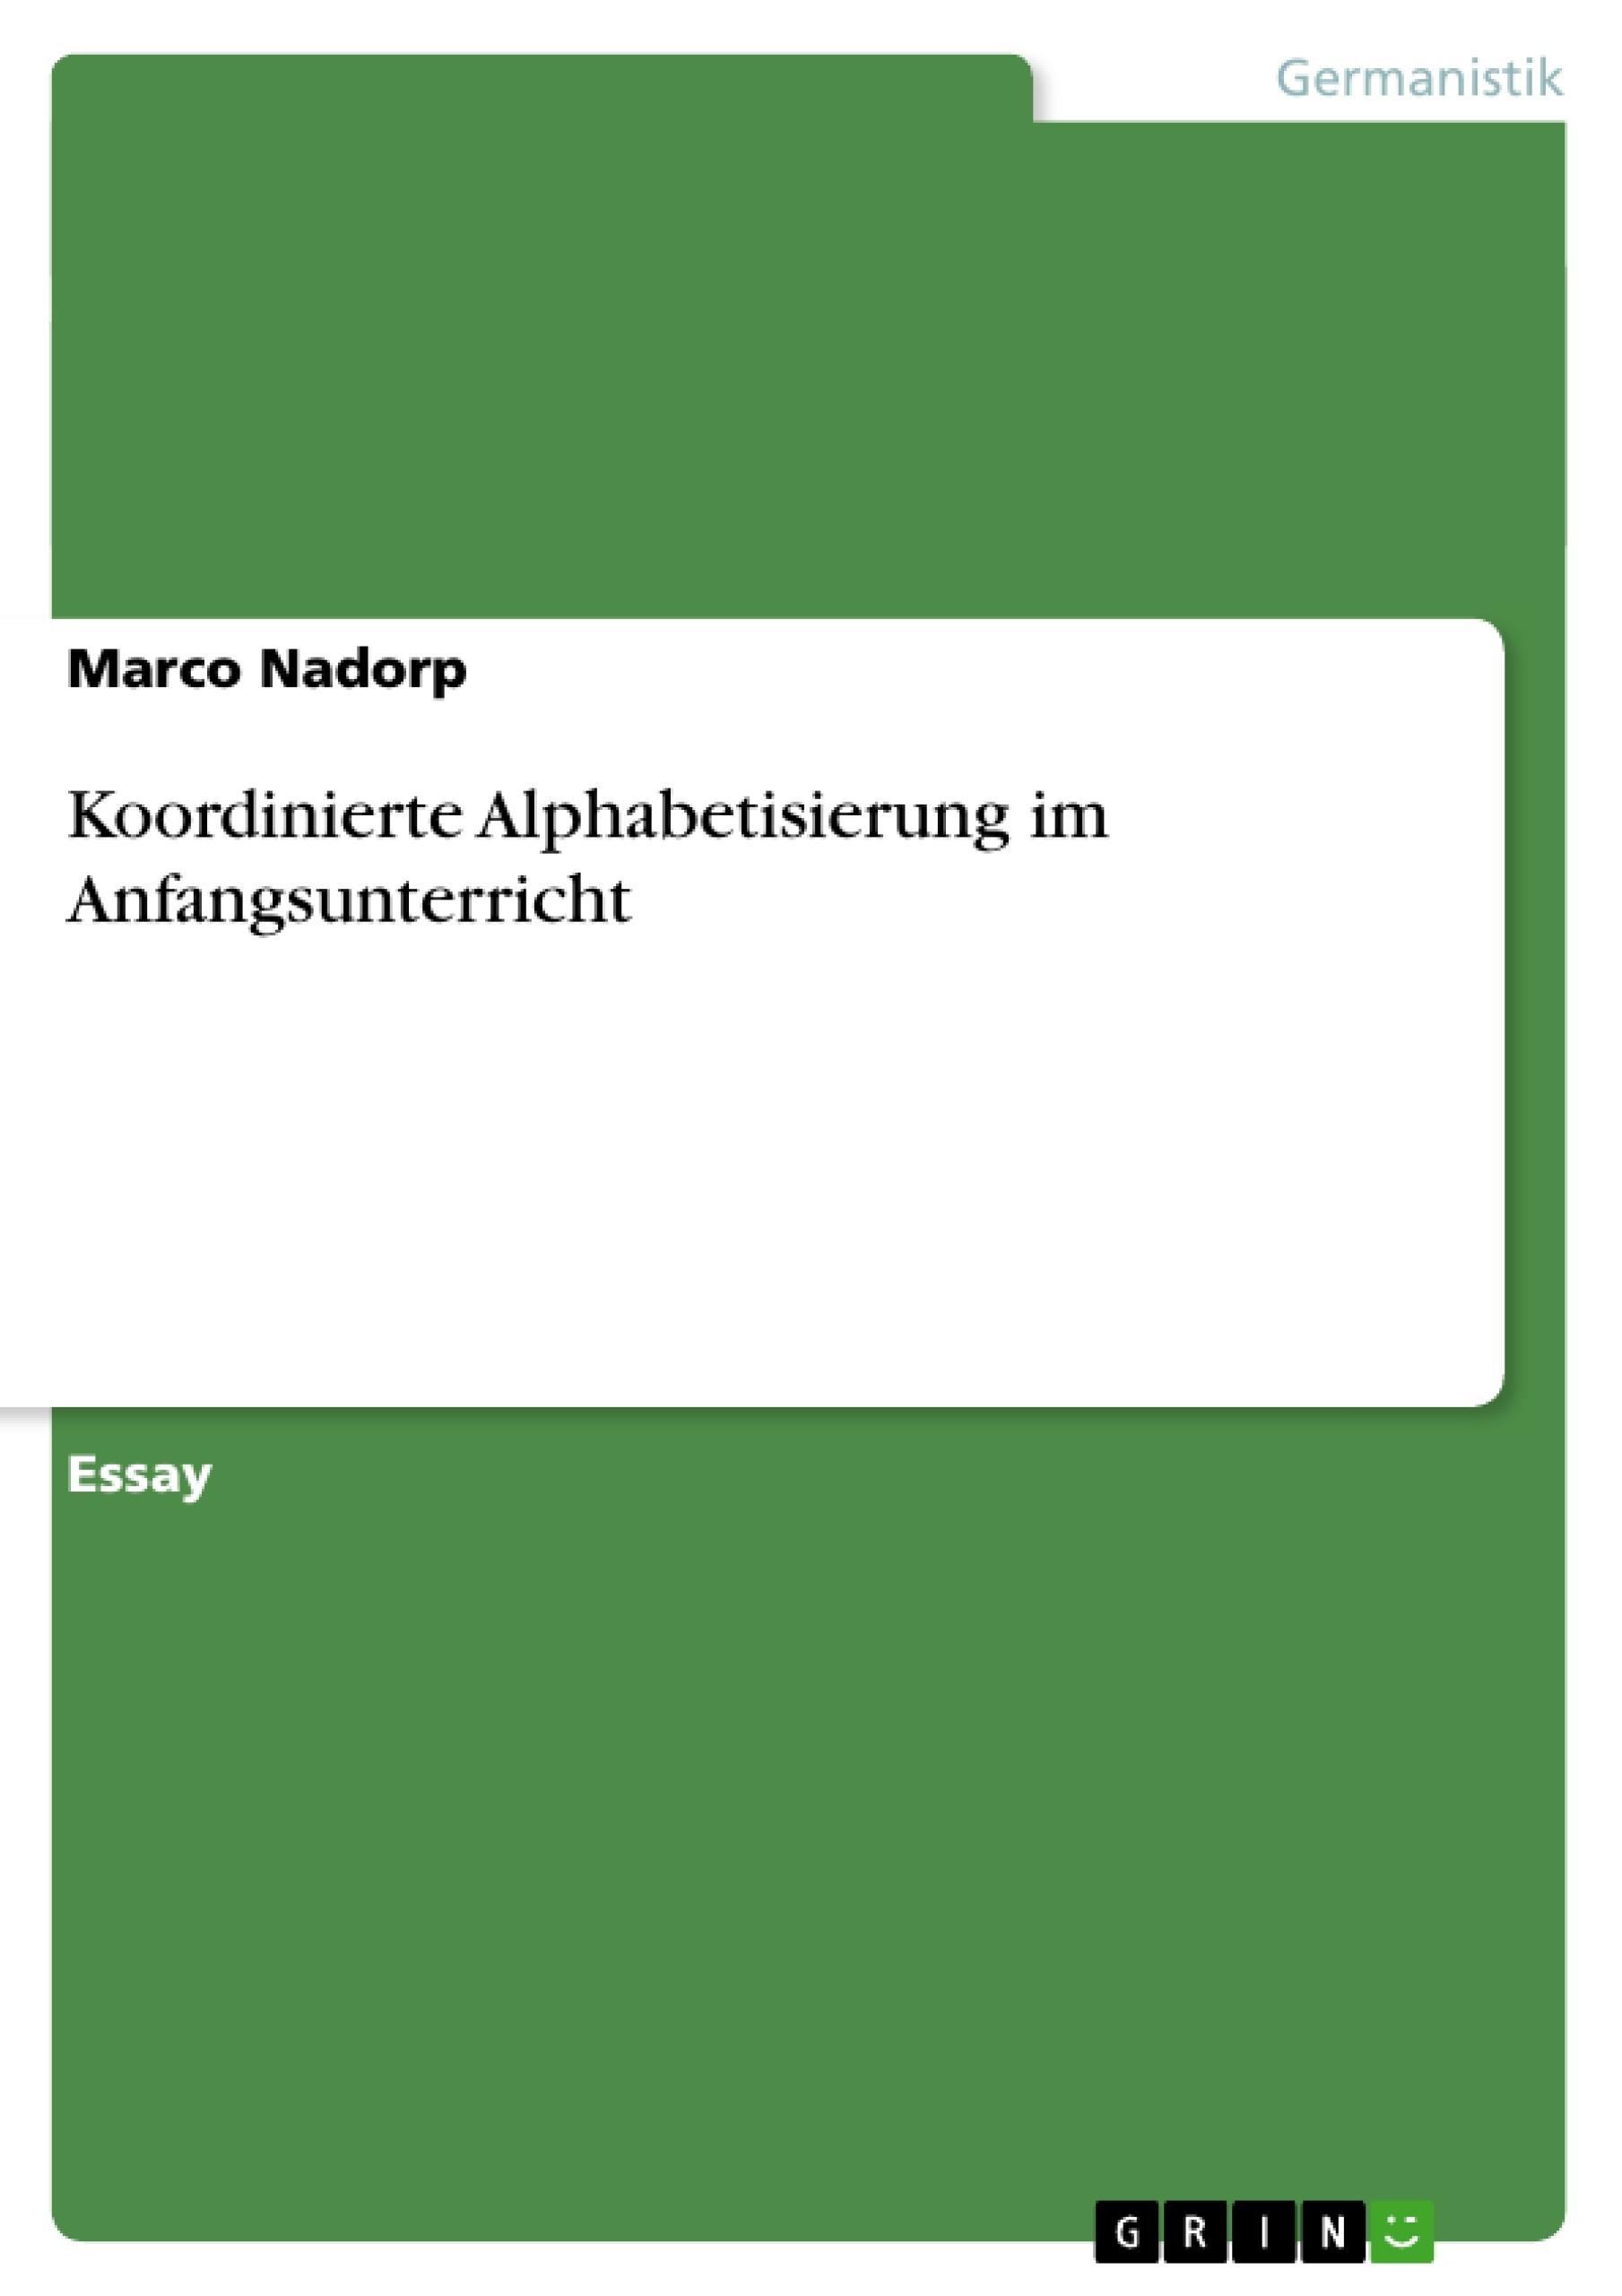 Titel: Koordinierte Alphabetisierung im Anfangsunterricht